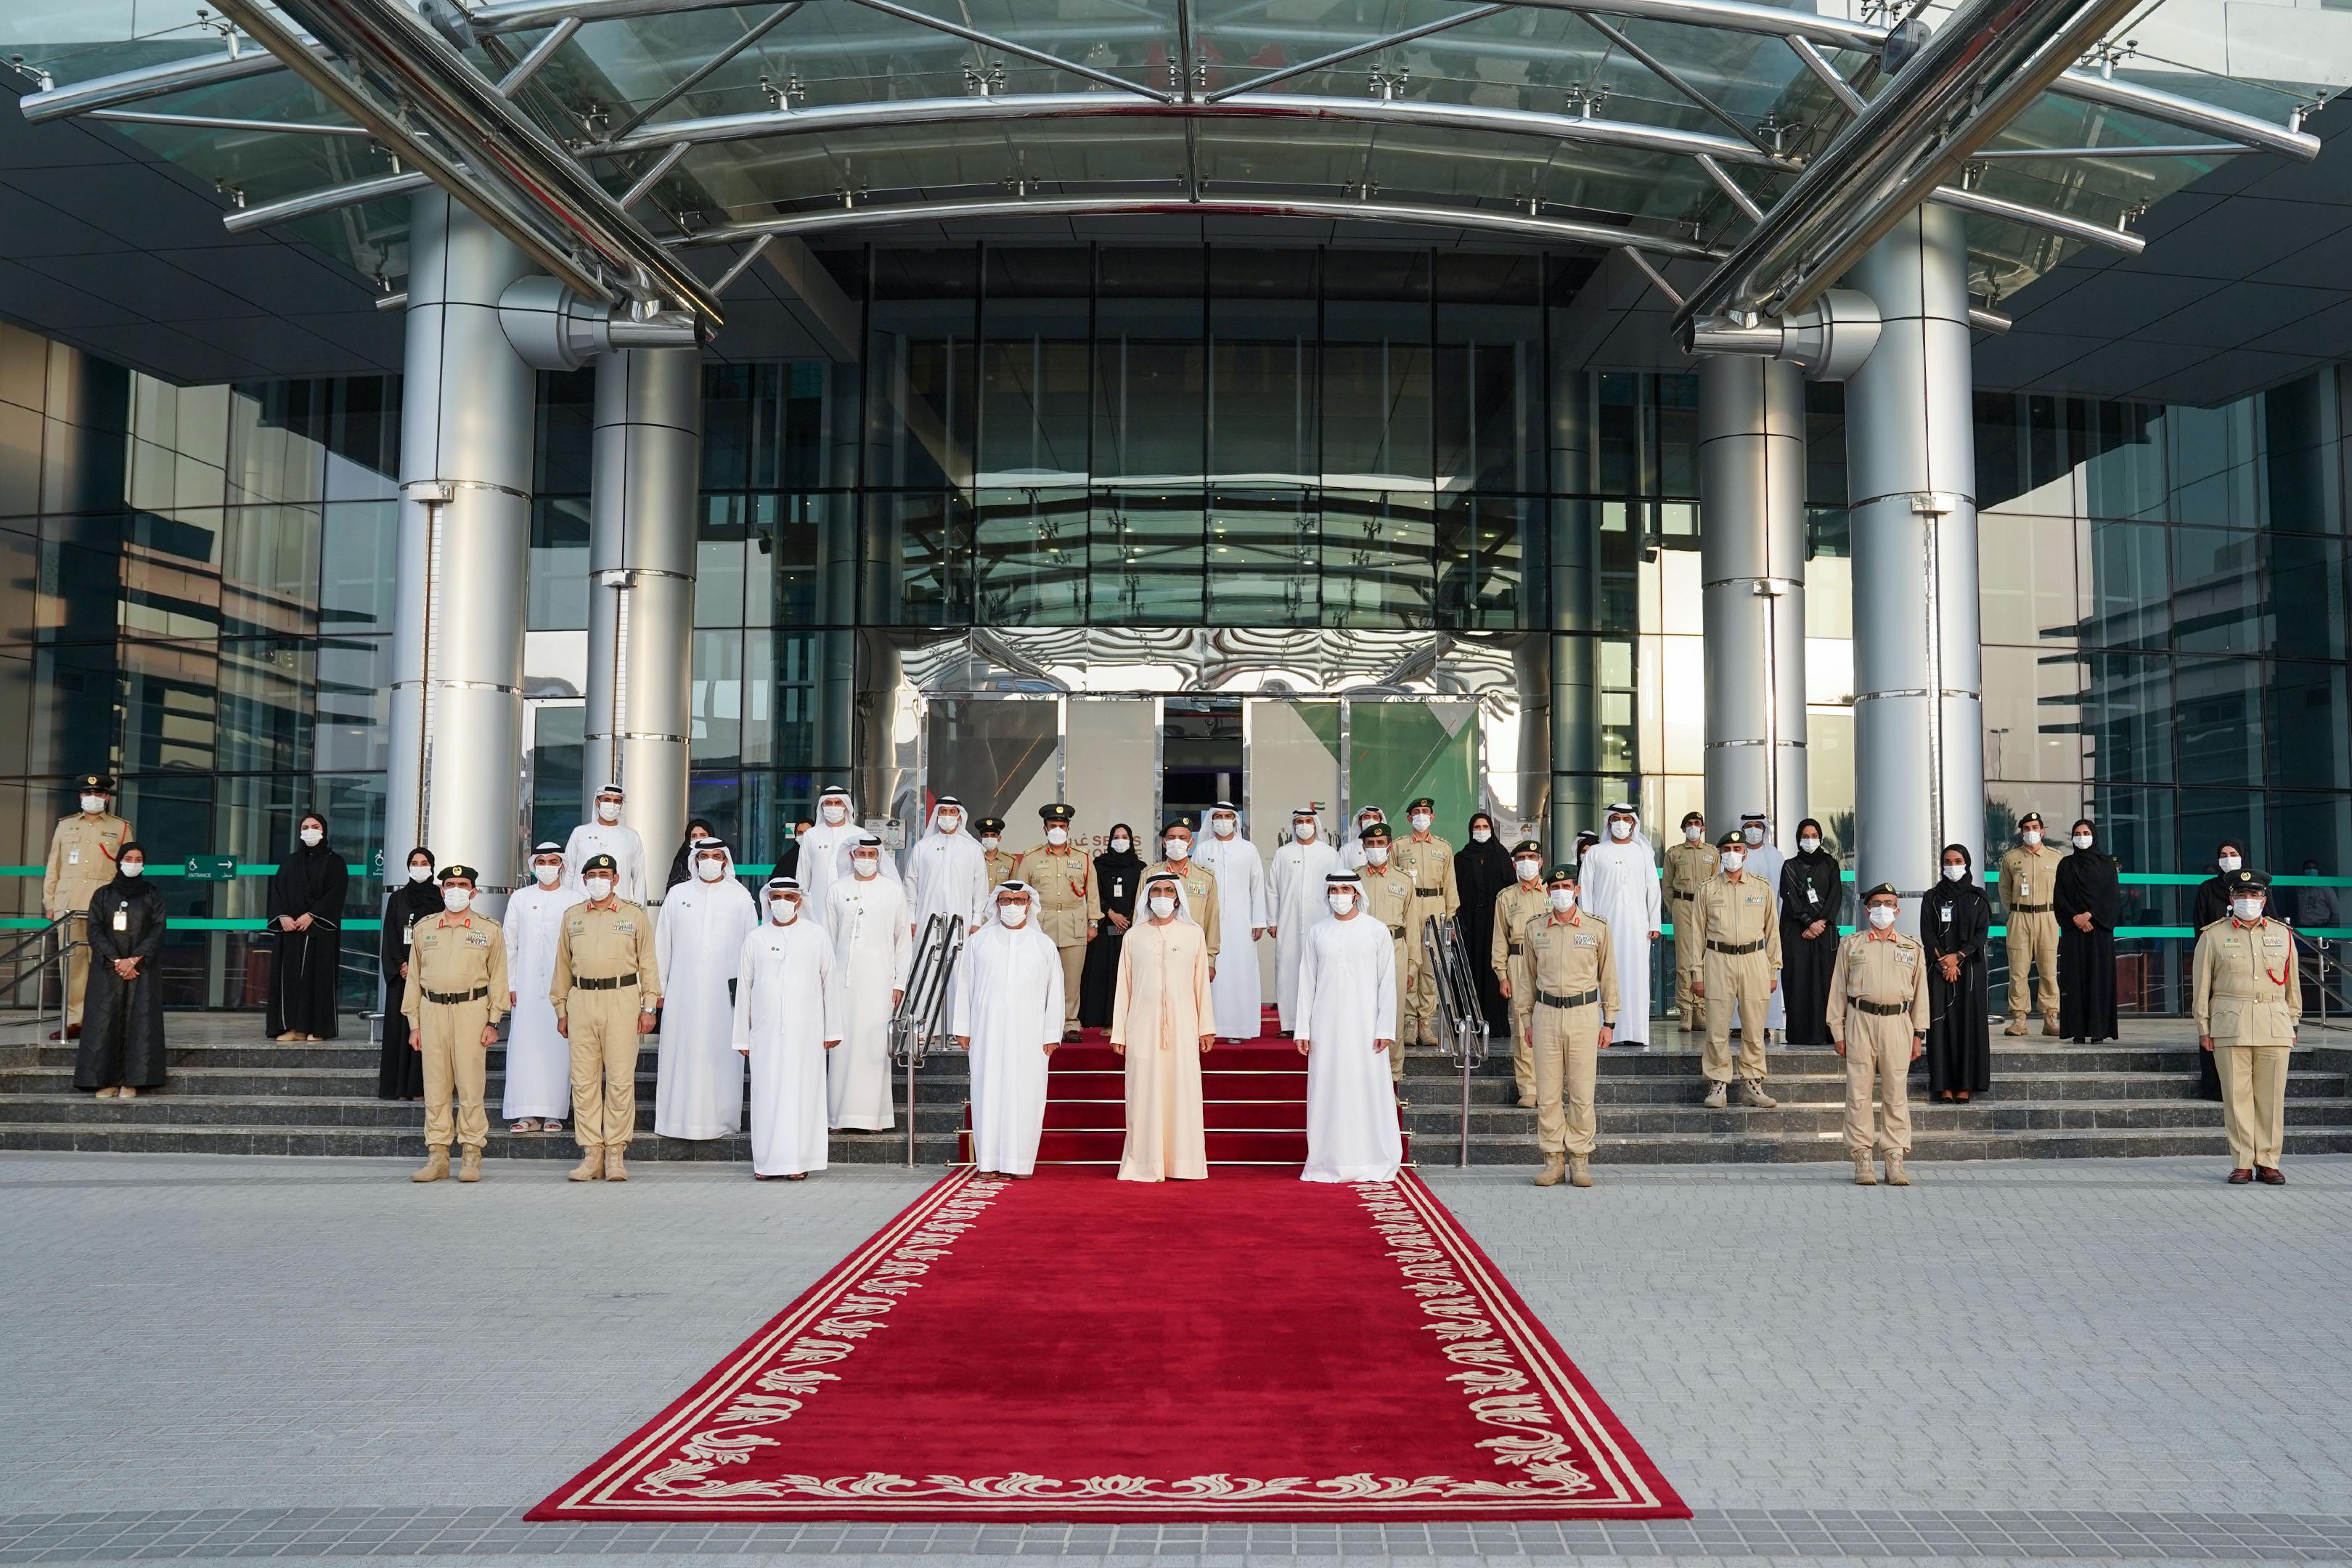 صاحب السمو الشيخ محمد بن راشد آل مكتوم - محمد بن راشد يزور مقر القيادة العامة لشرطة دبي